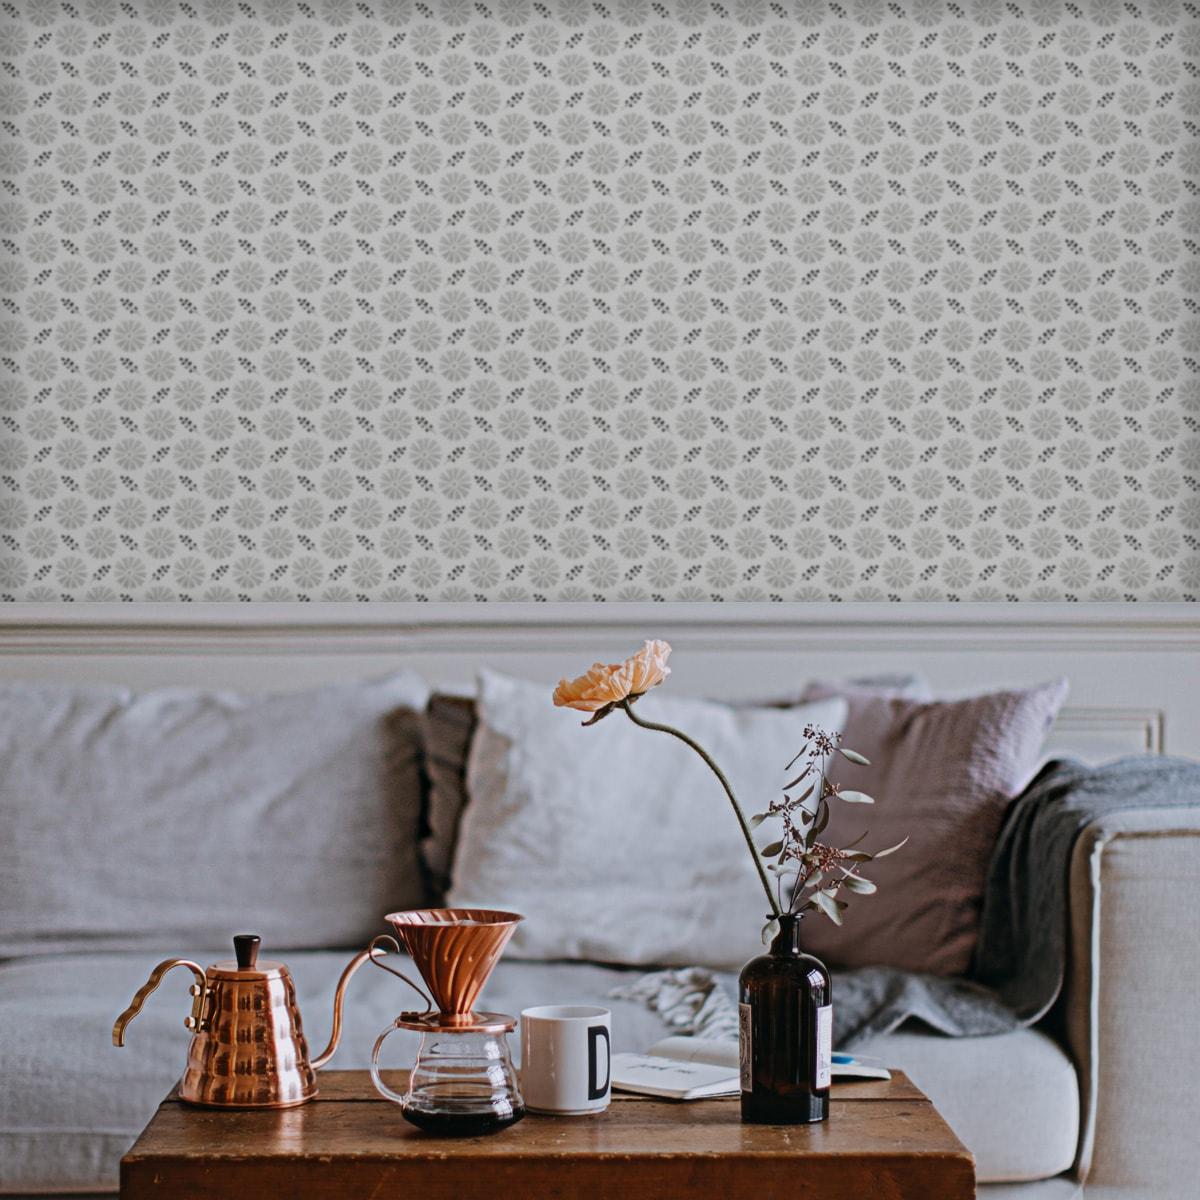 """Küchentapete schwarz: Blumentapete """"Blümchen Glück"""" mit Aquarell Look, graue klassische Vlies Tapete Blumen für Küche"""